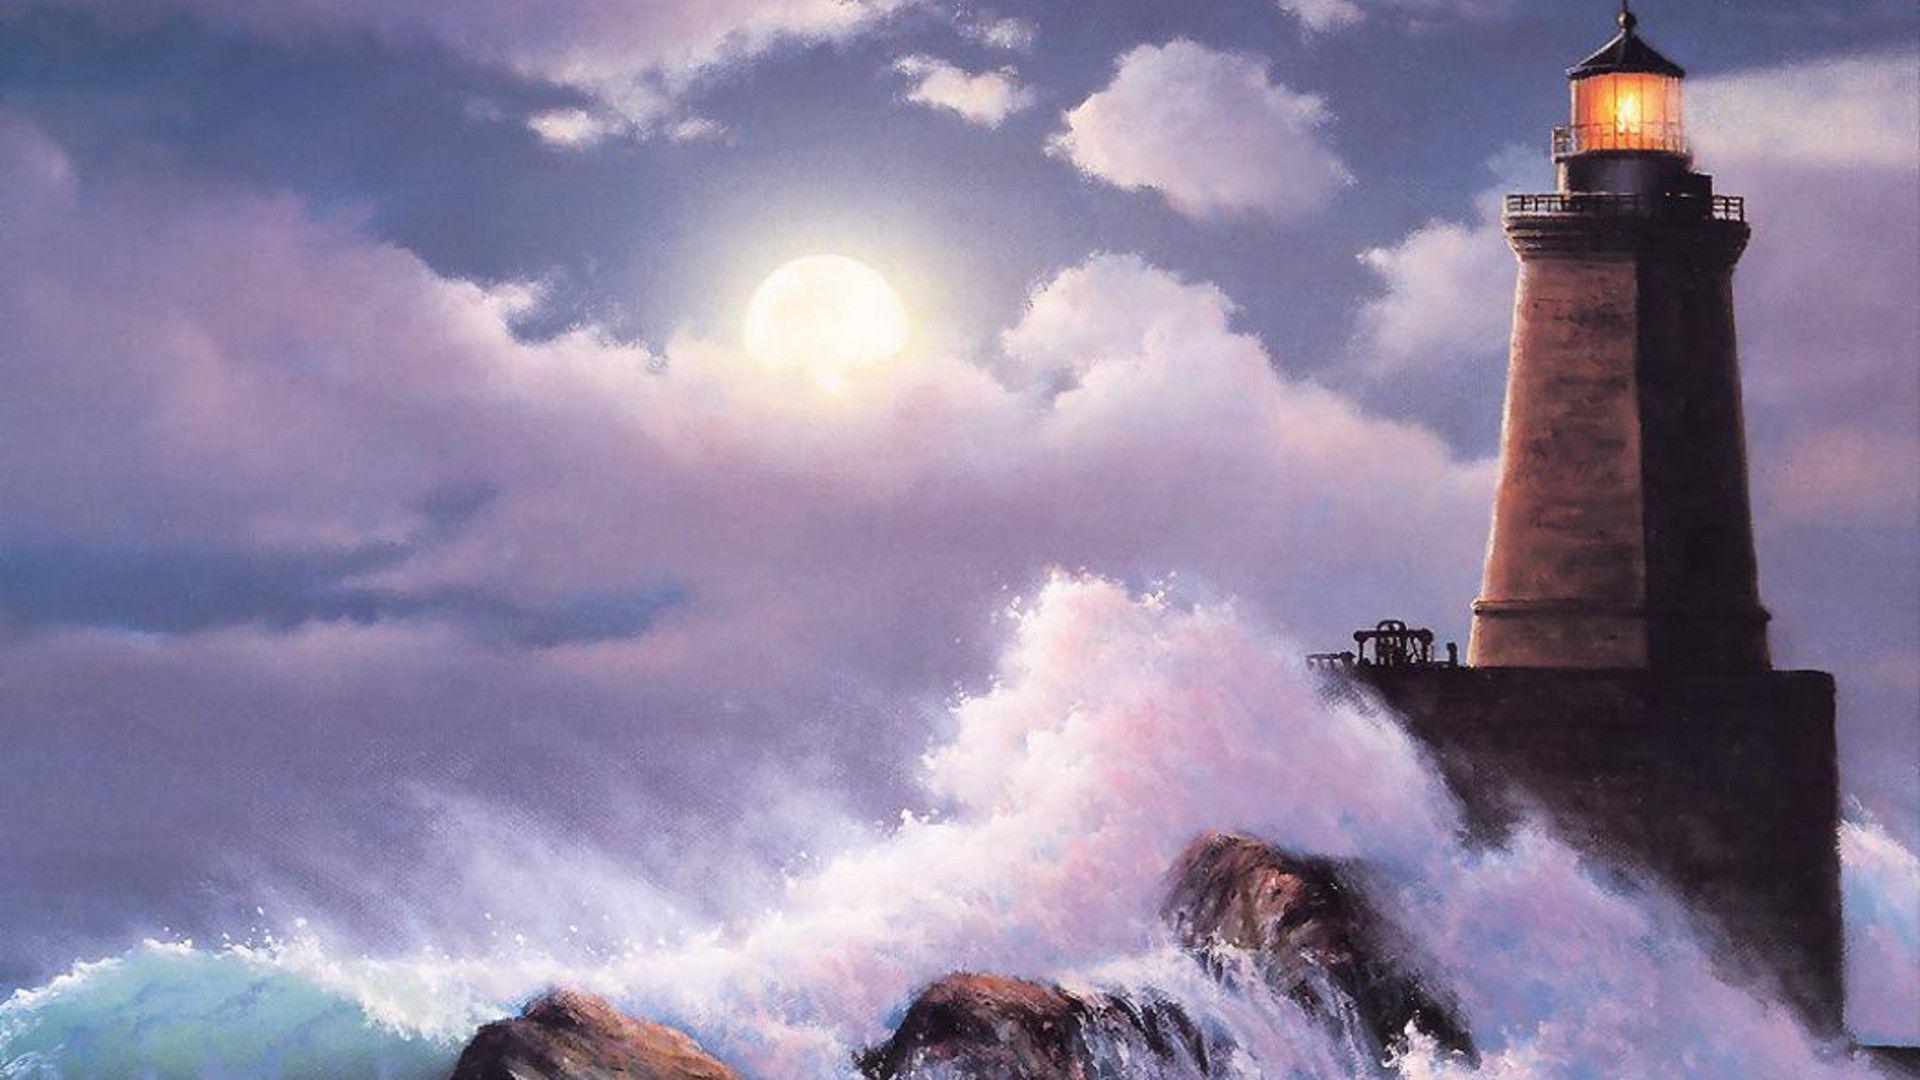 lighthouse desktop wallpaper 7900 - photo #44